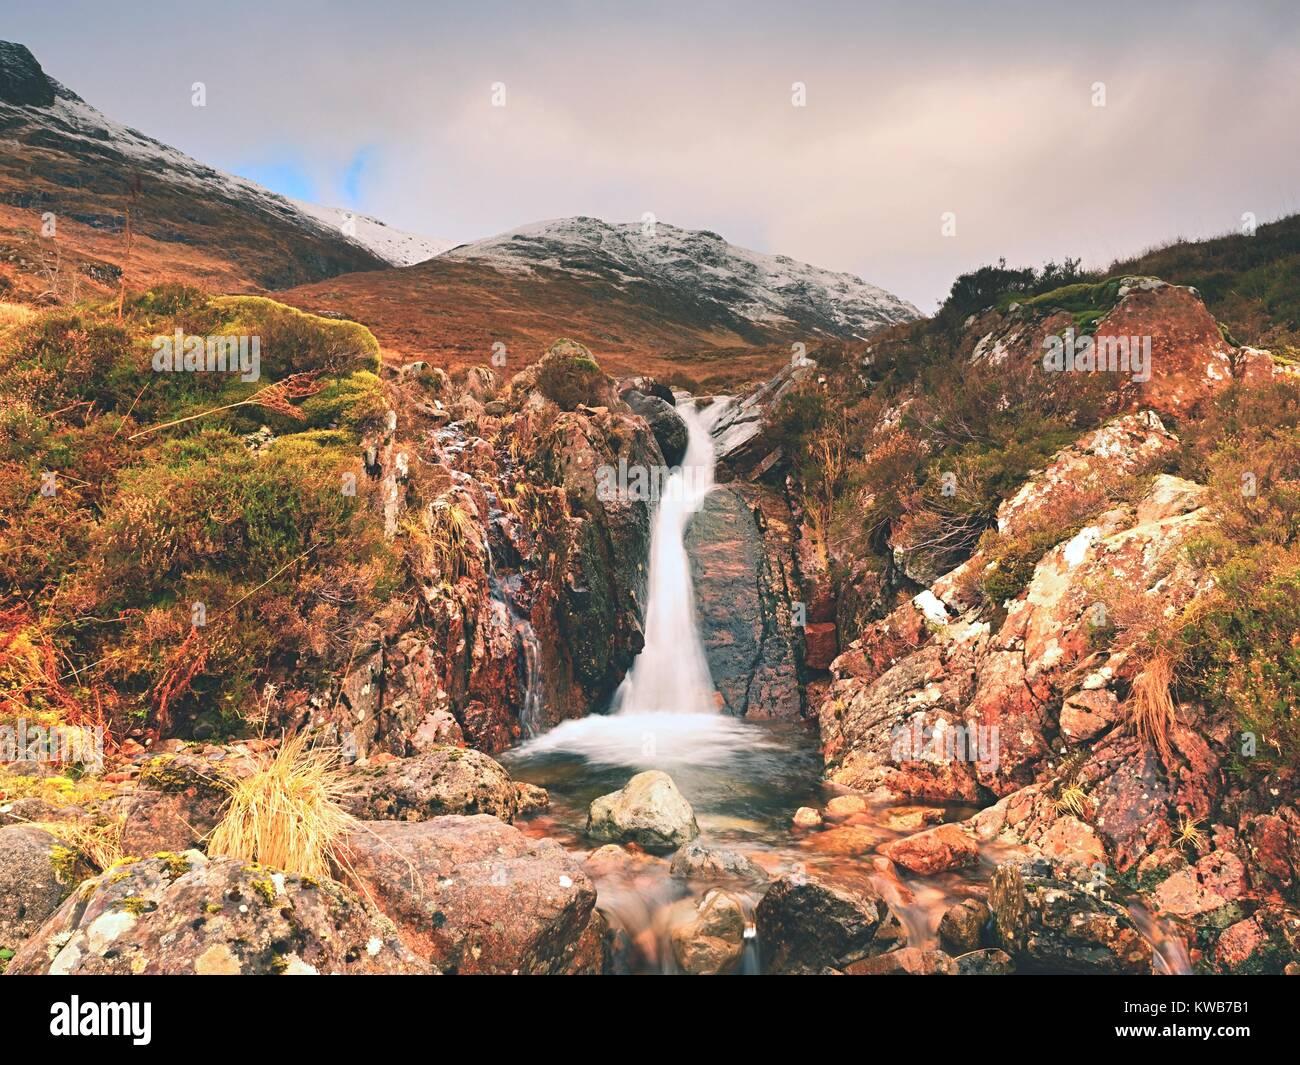 Berge Landschaft wildbach vor. Weiß verschneite Berggipfel und Grau bewölkter Himmel Stockbild